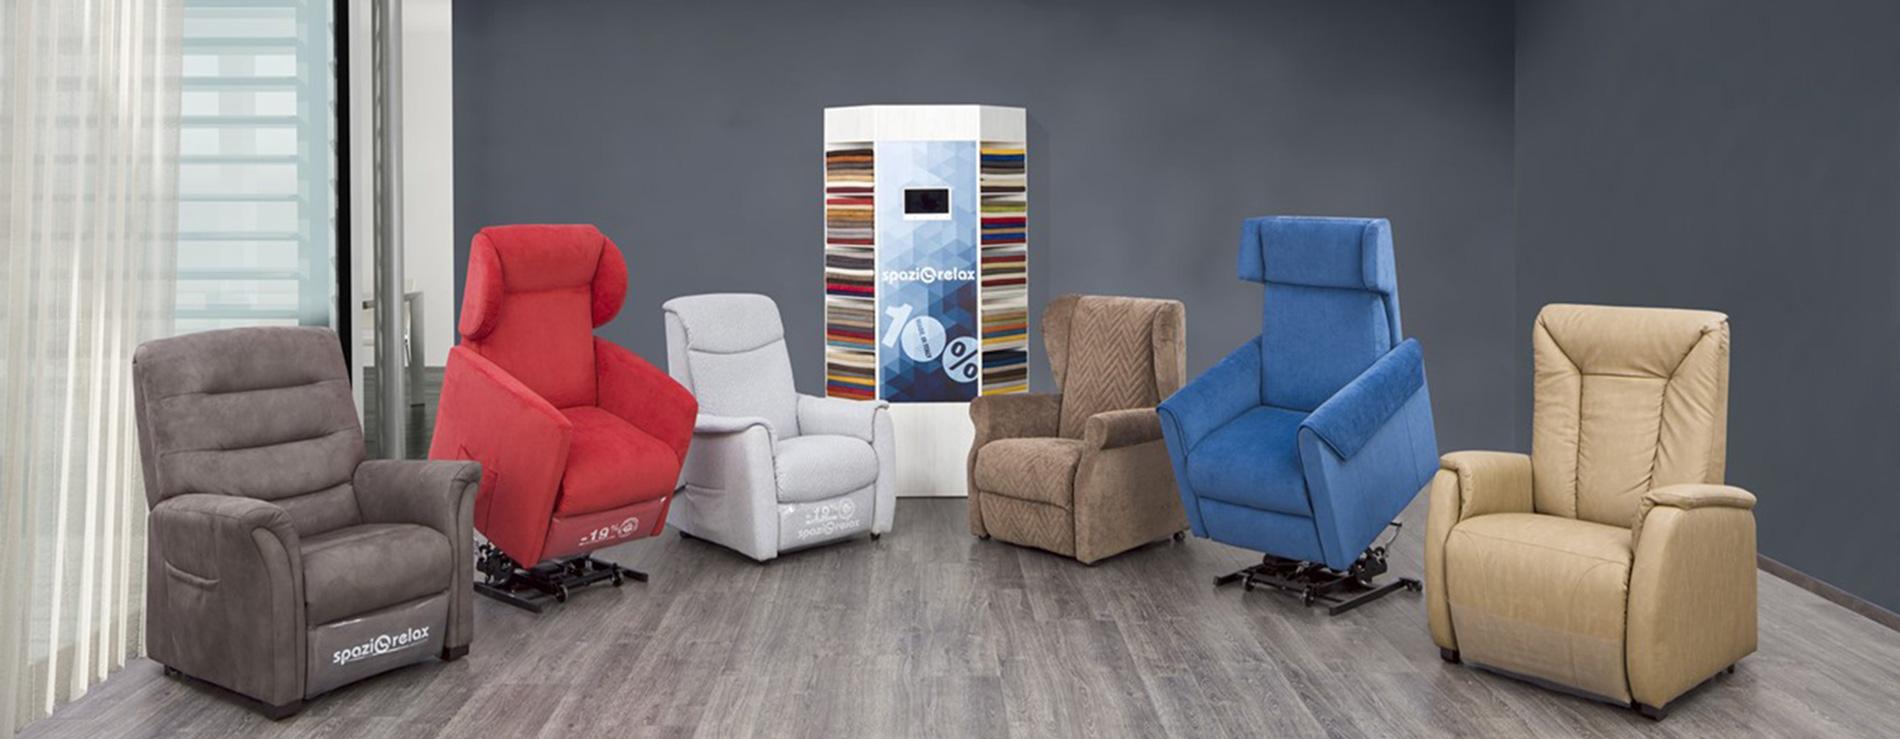 Poltrone relax spazio relax poltrone automatiche - Centro italiano mobili ...